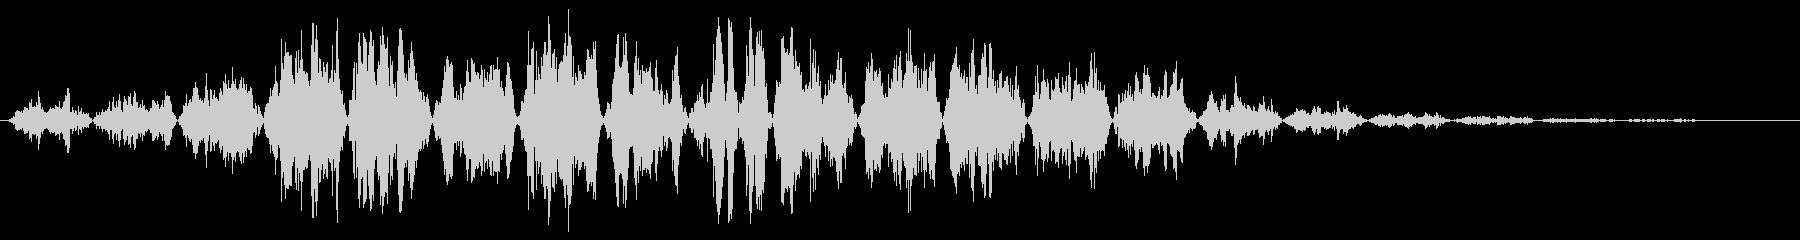 シュワシュワ〜(風切り音、通過音)の未再生の波形